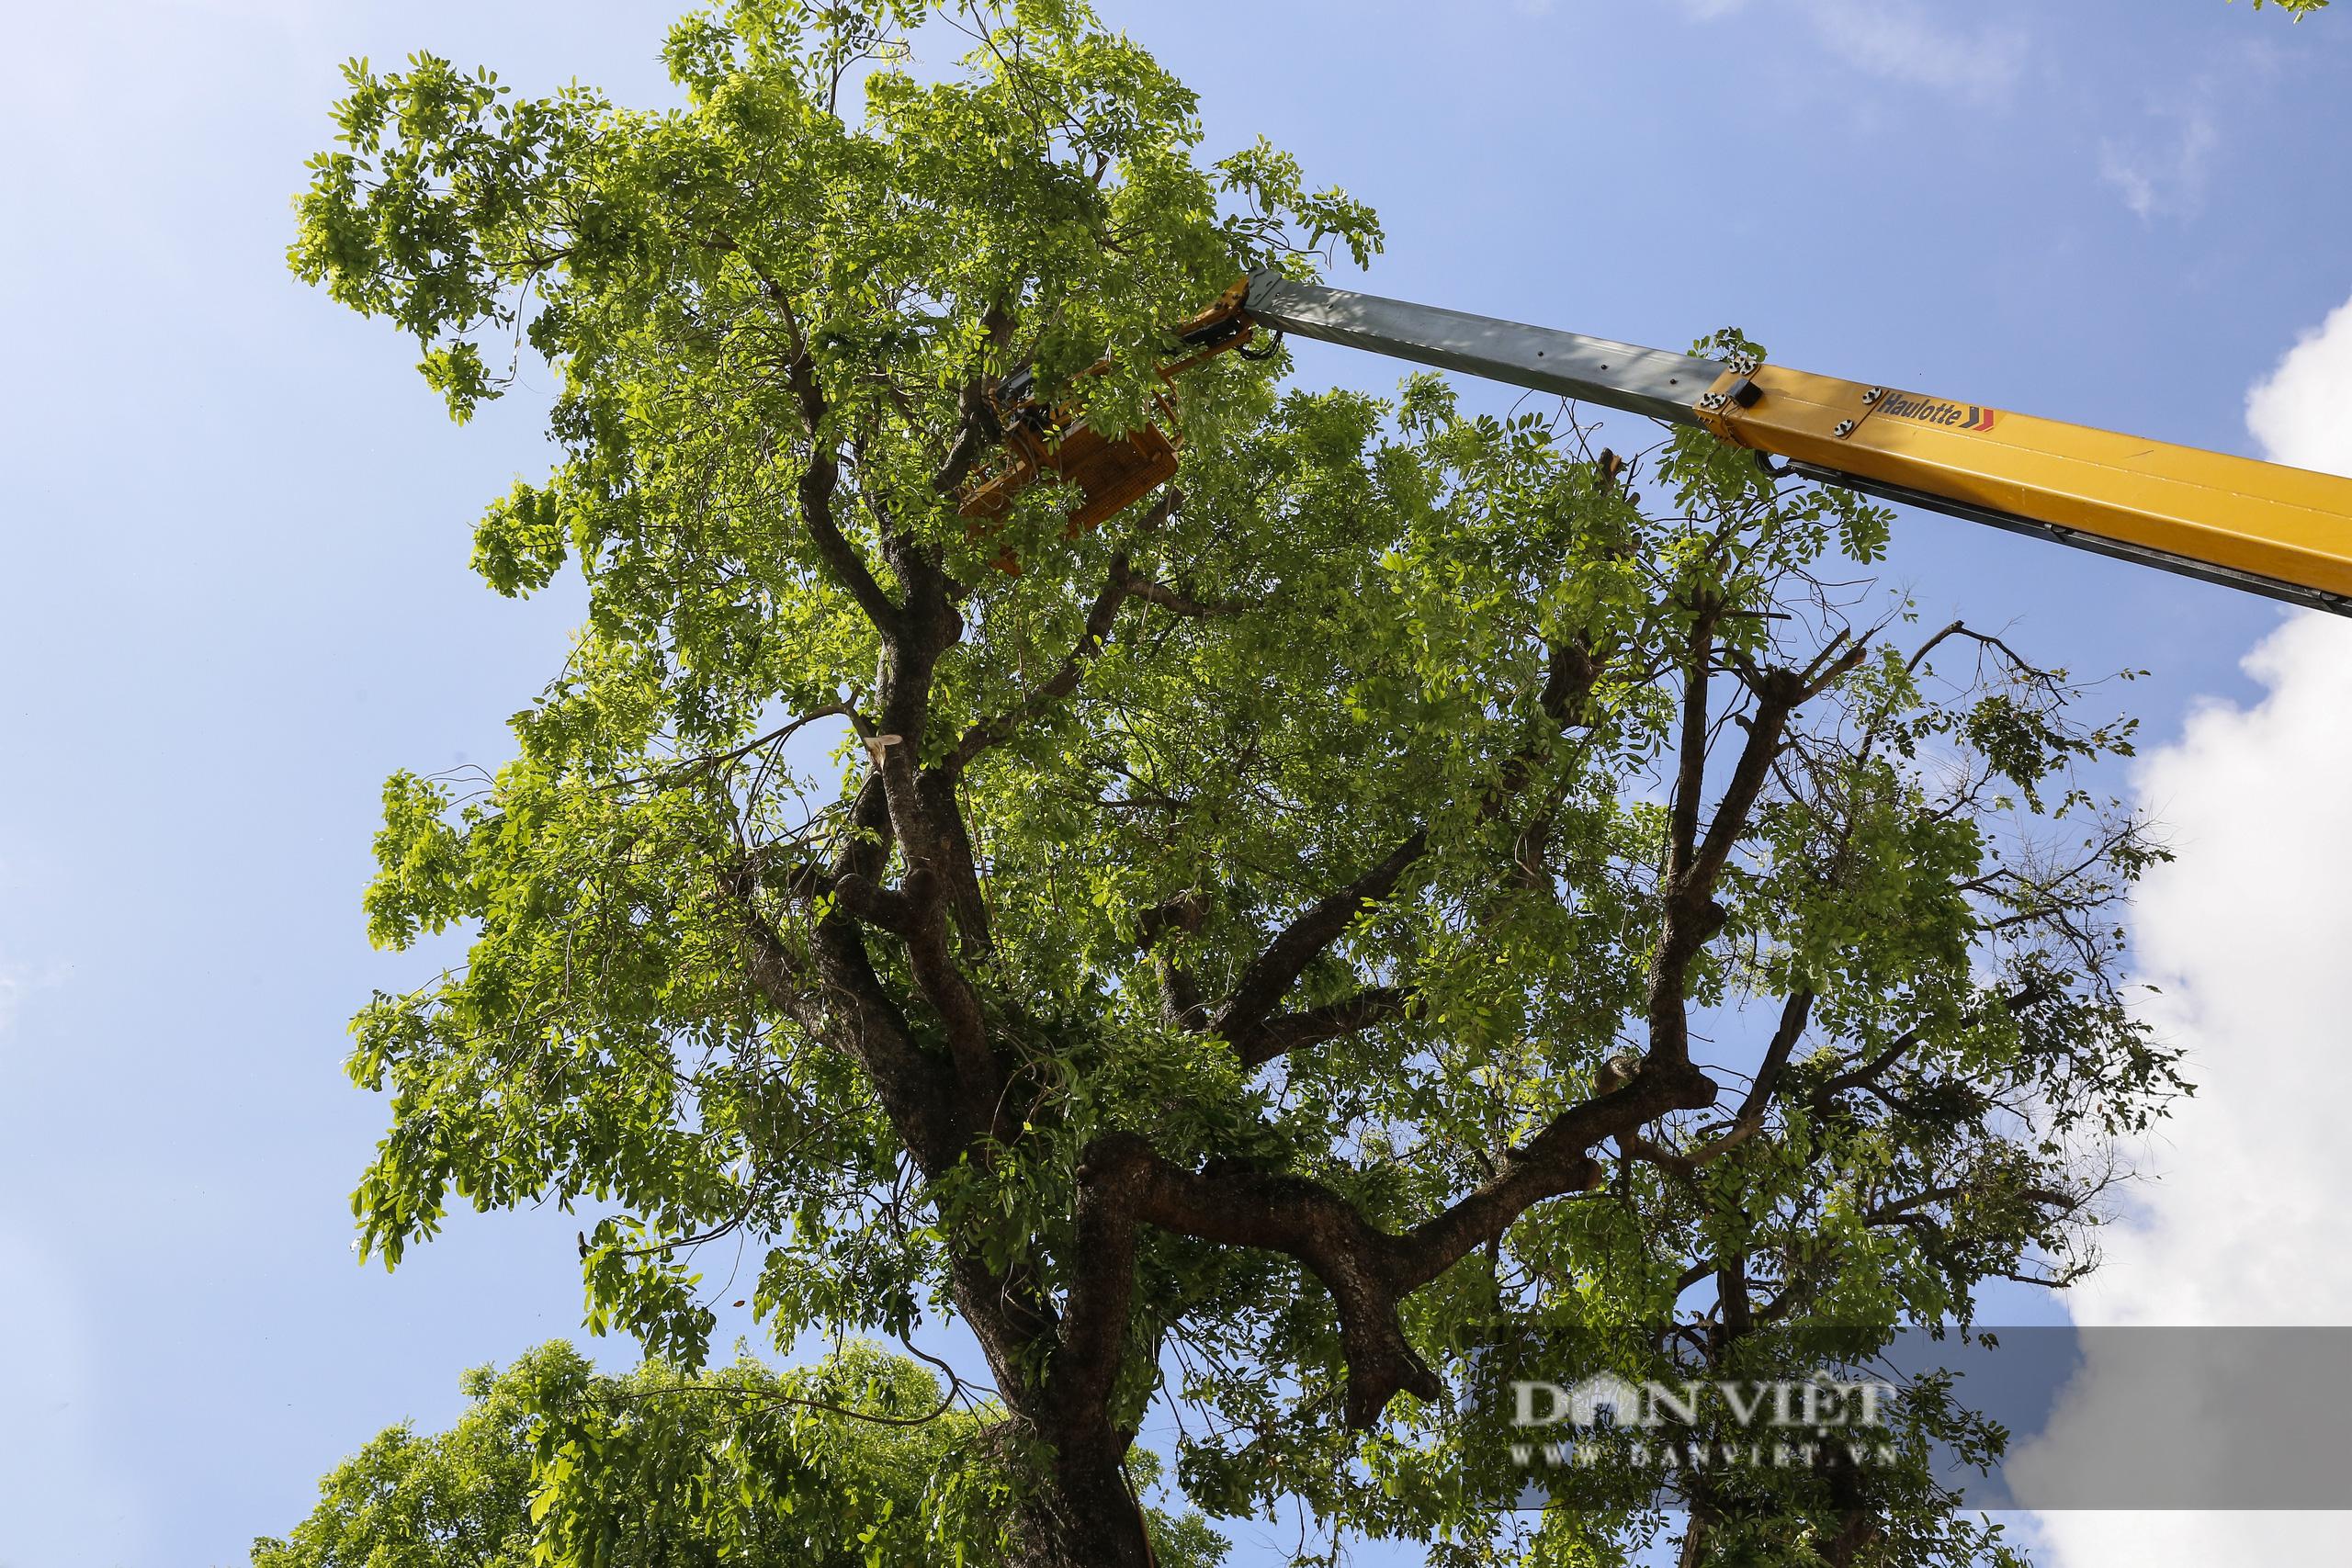 Hà Nội: Dùng xe nâng người dài 26 mét cắt tỉa hơn 20.000 cây nguy hiểm - Ảnh 4.